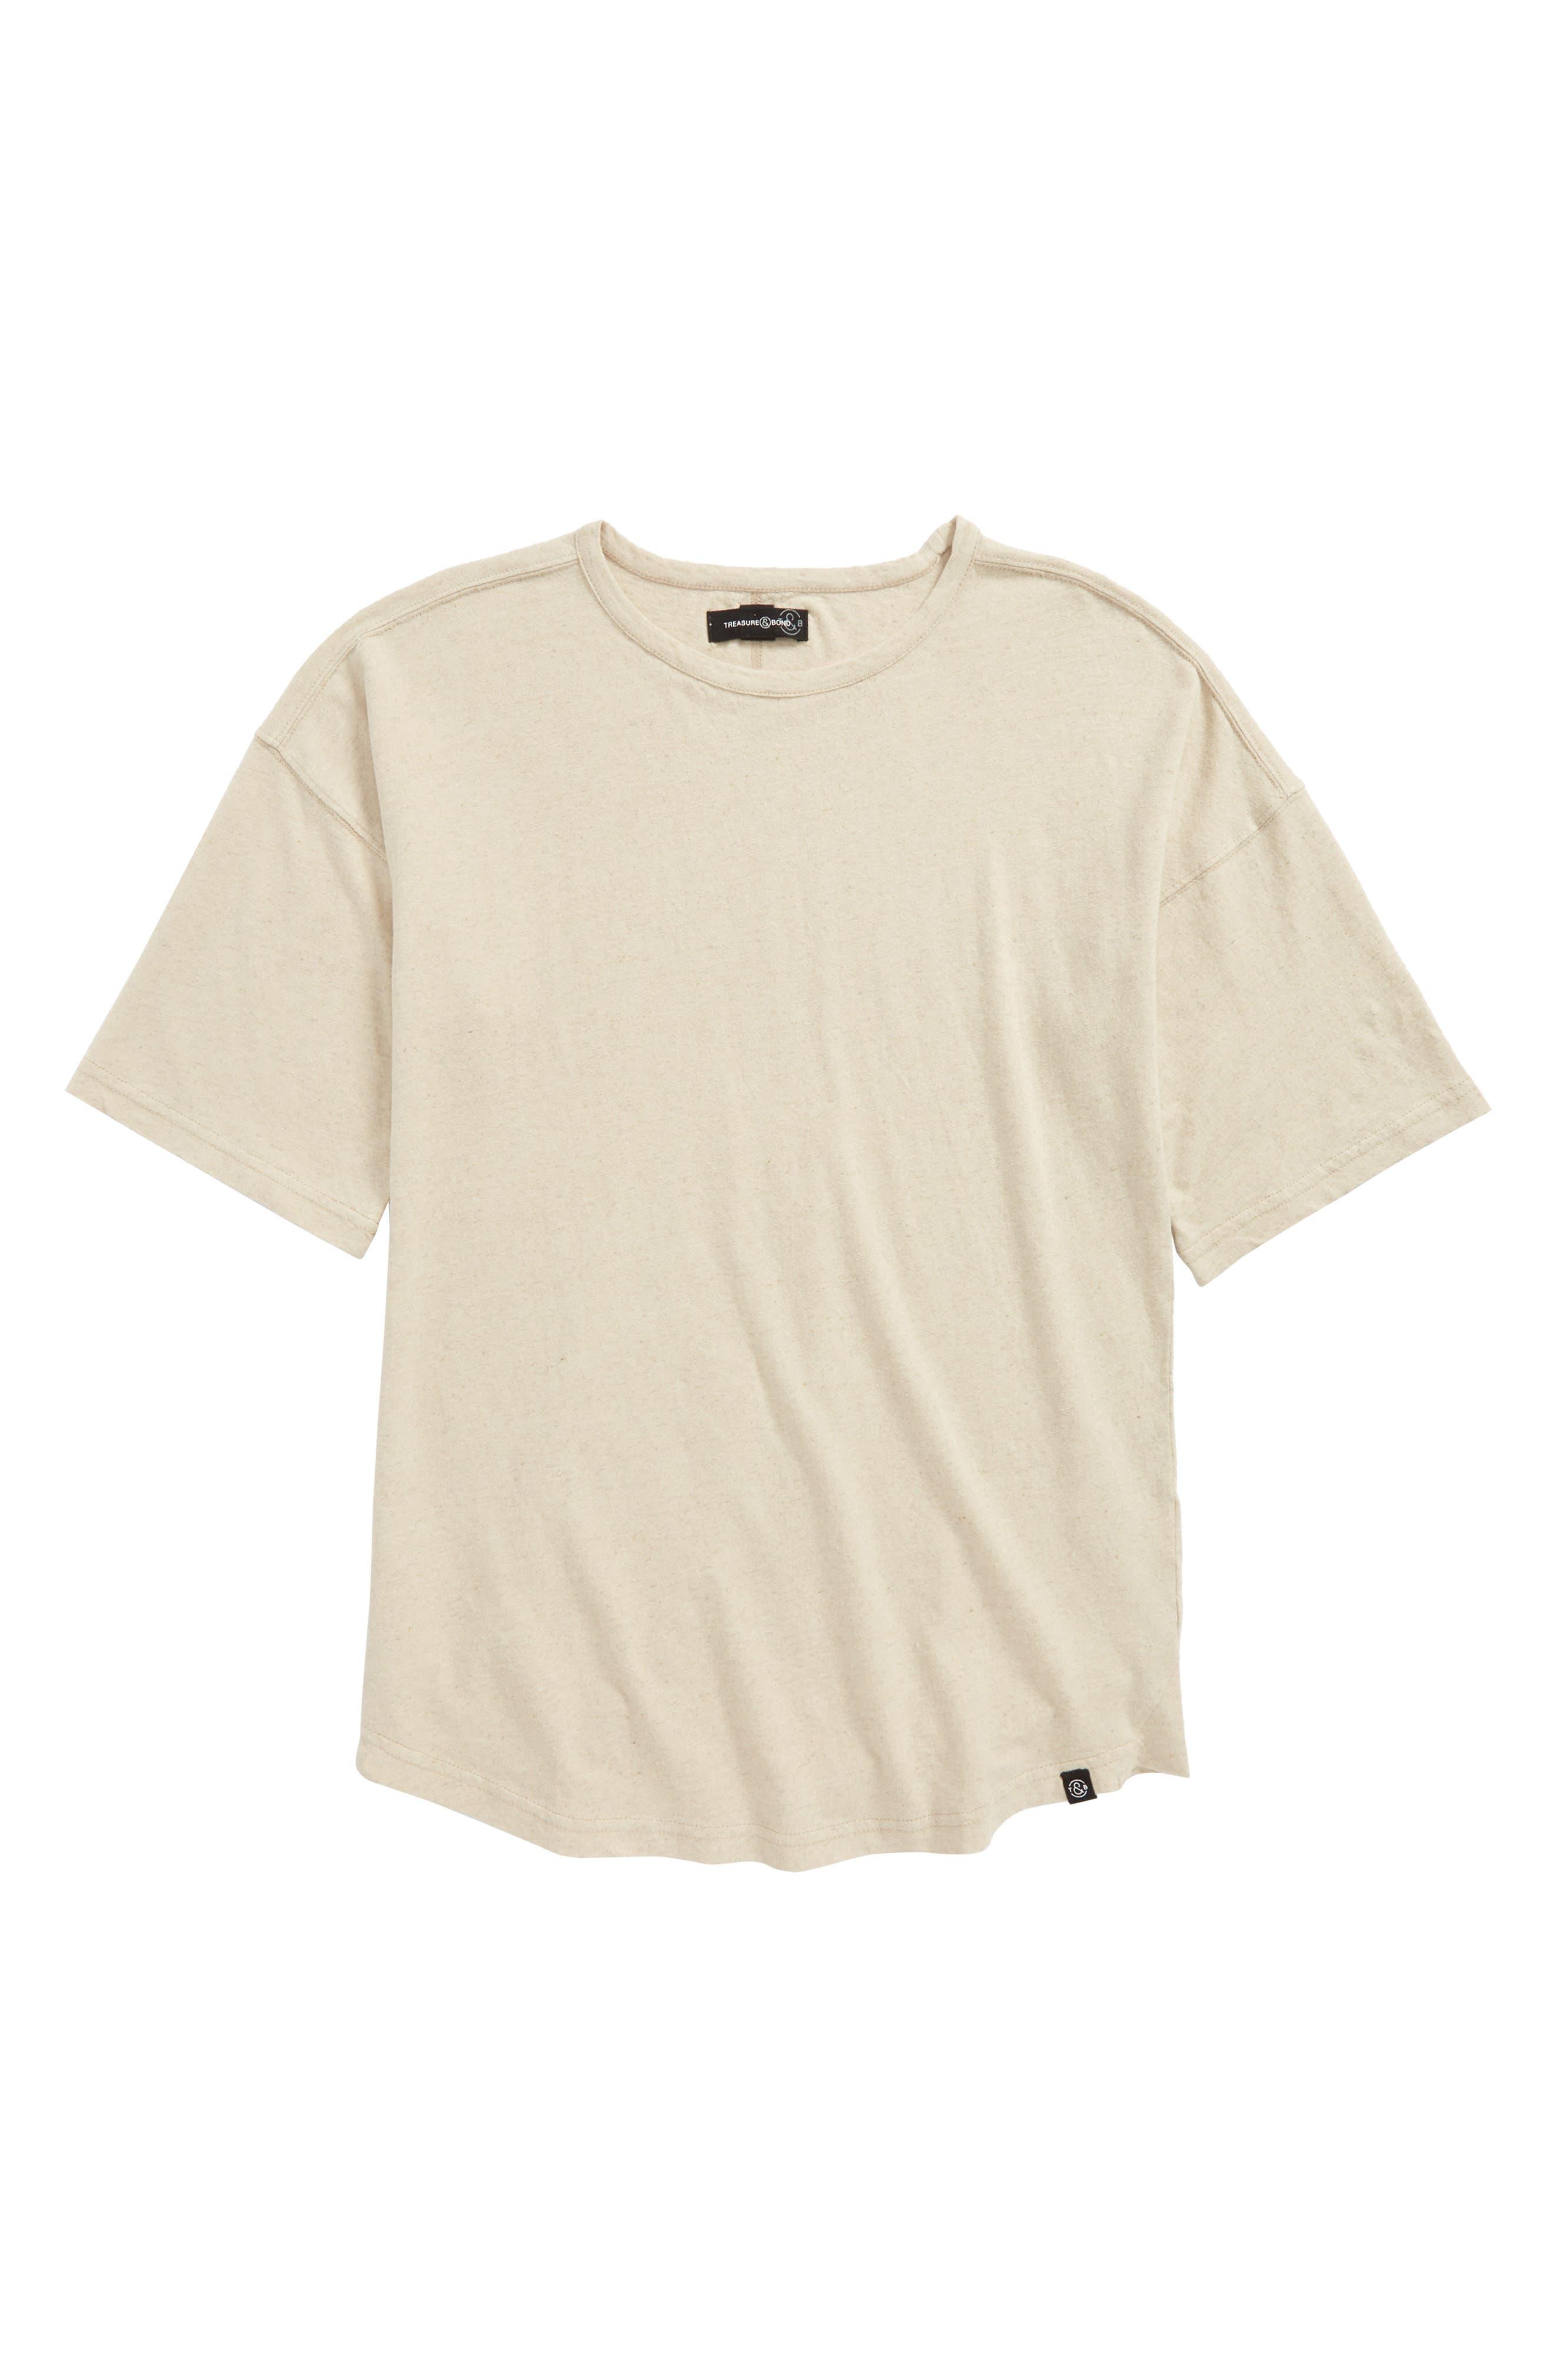 Dropped Shoulder Shirt,                             Main thumbnail 1, color,                             270